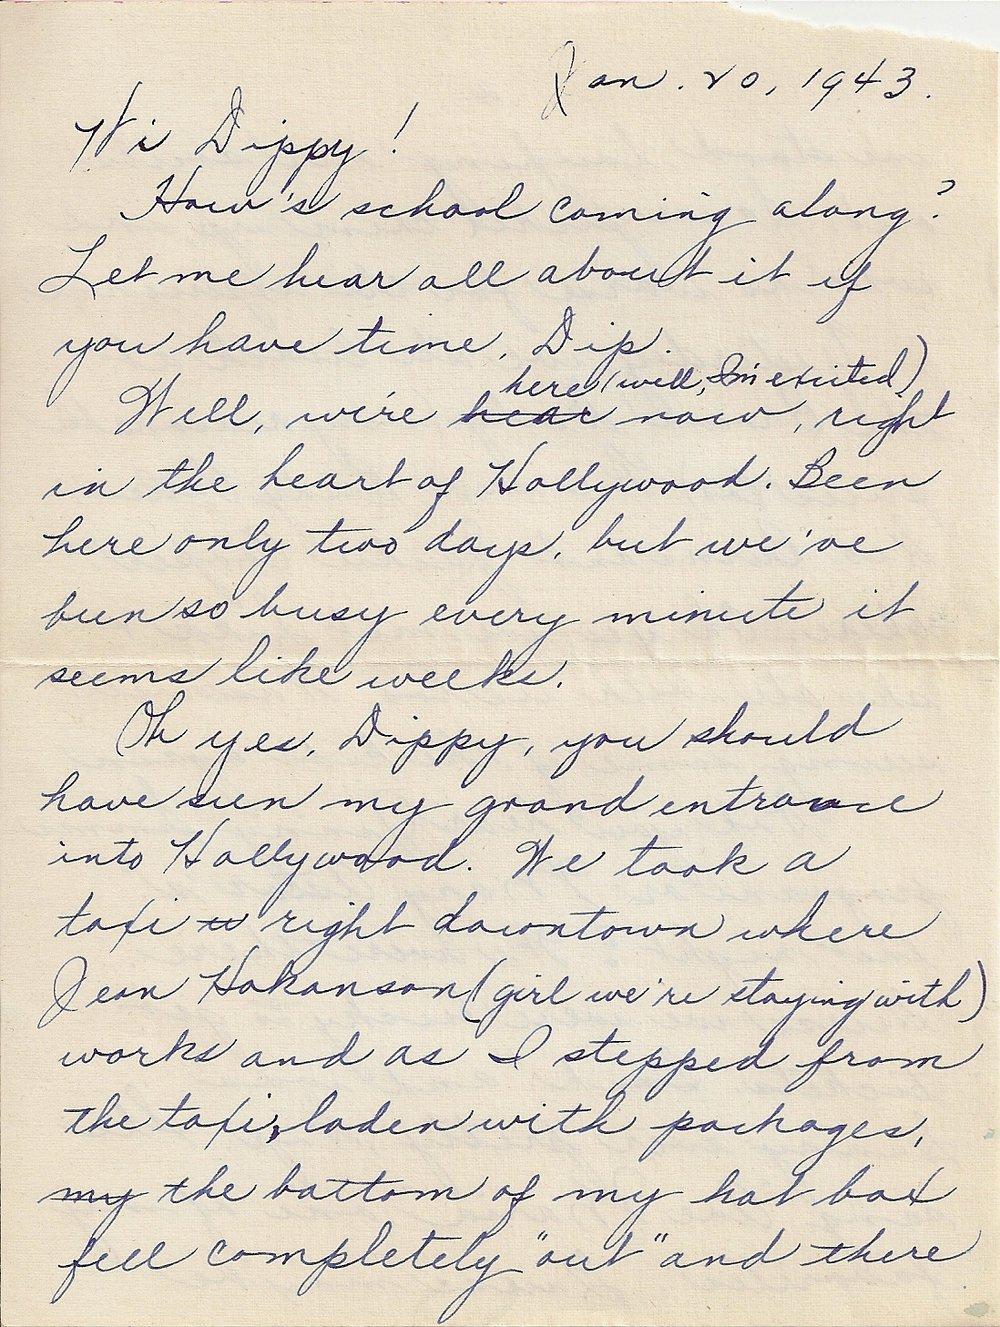 1.20.1943b.jpg